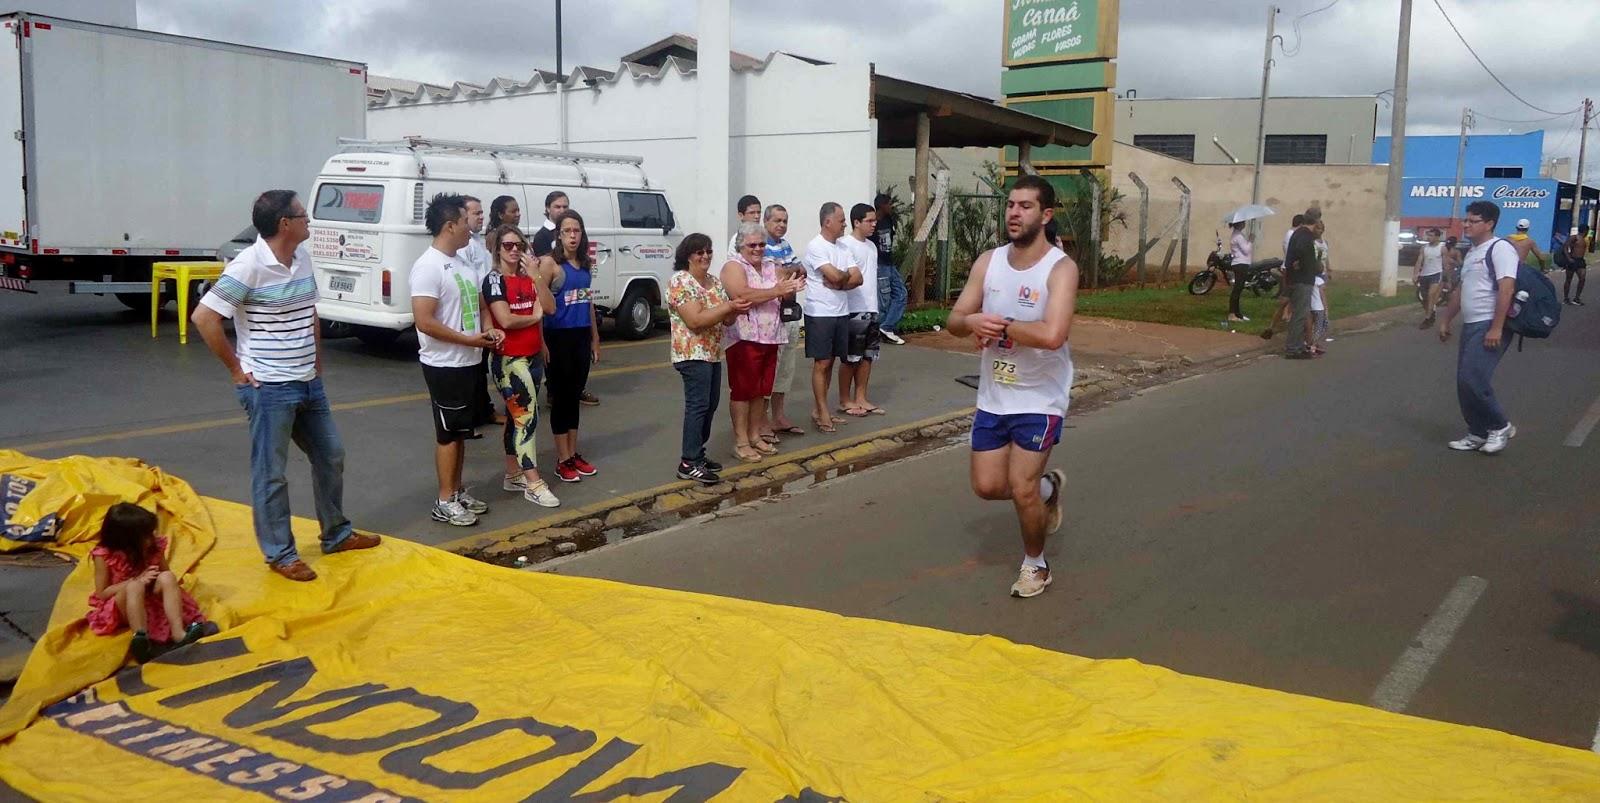 Foto 143 da 1ª Corrida Av. dos Coqueiros em Barretos-SP 14/04/2013 – Atletas cruzando a linha de chegada